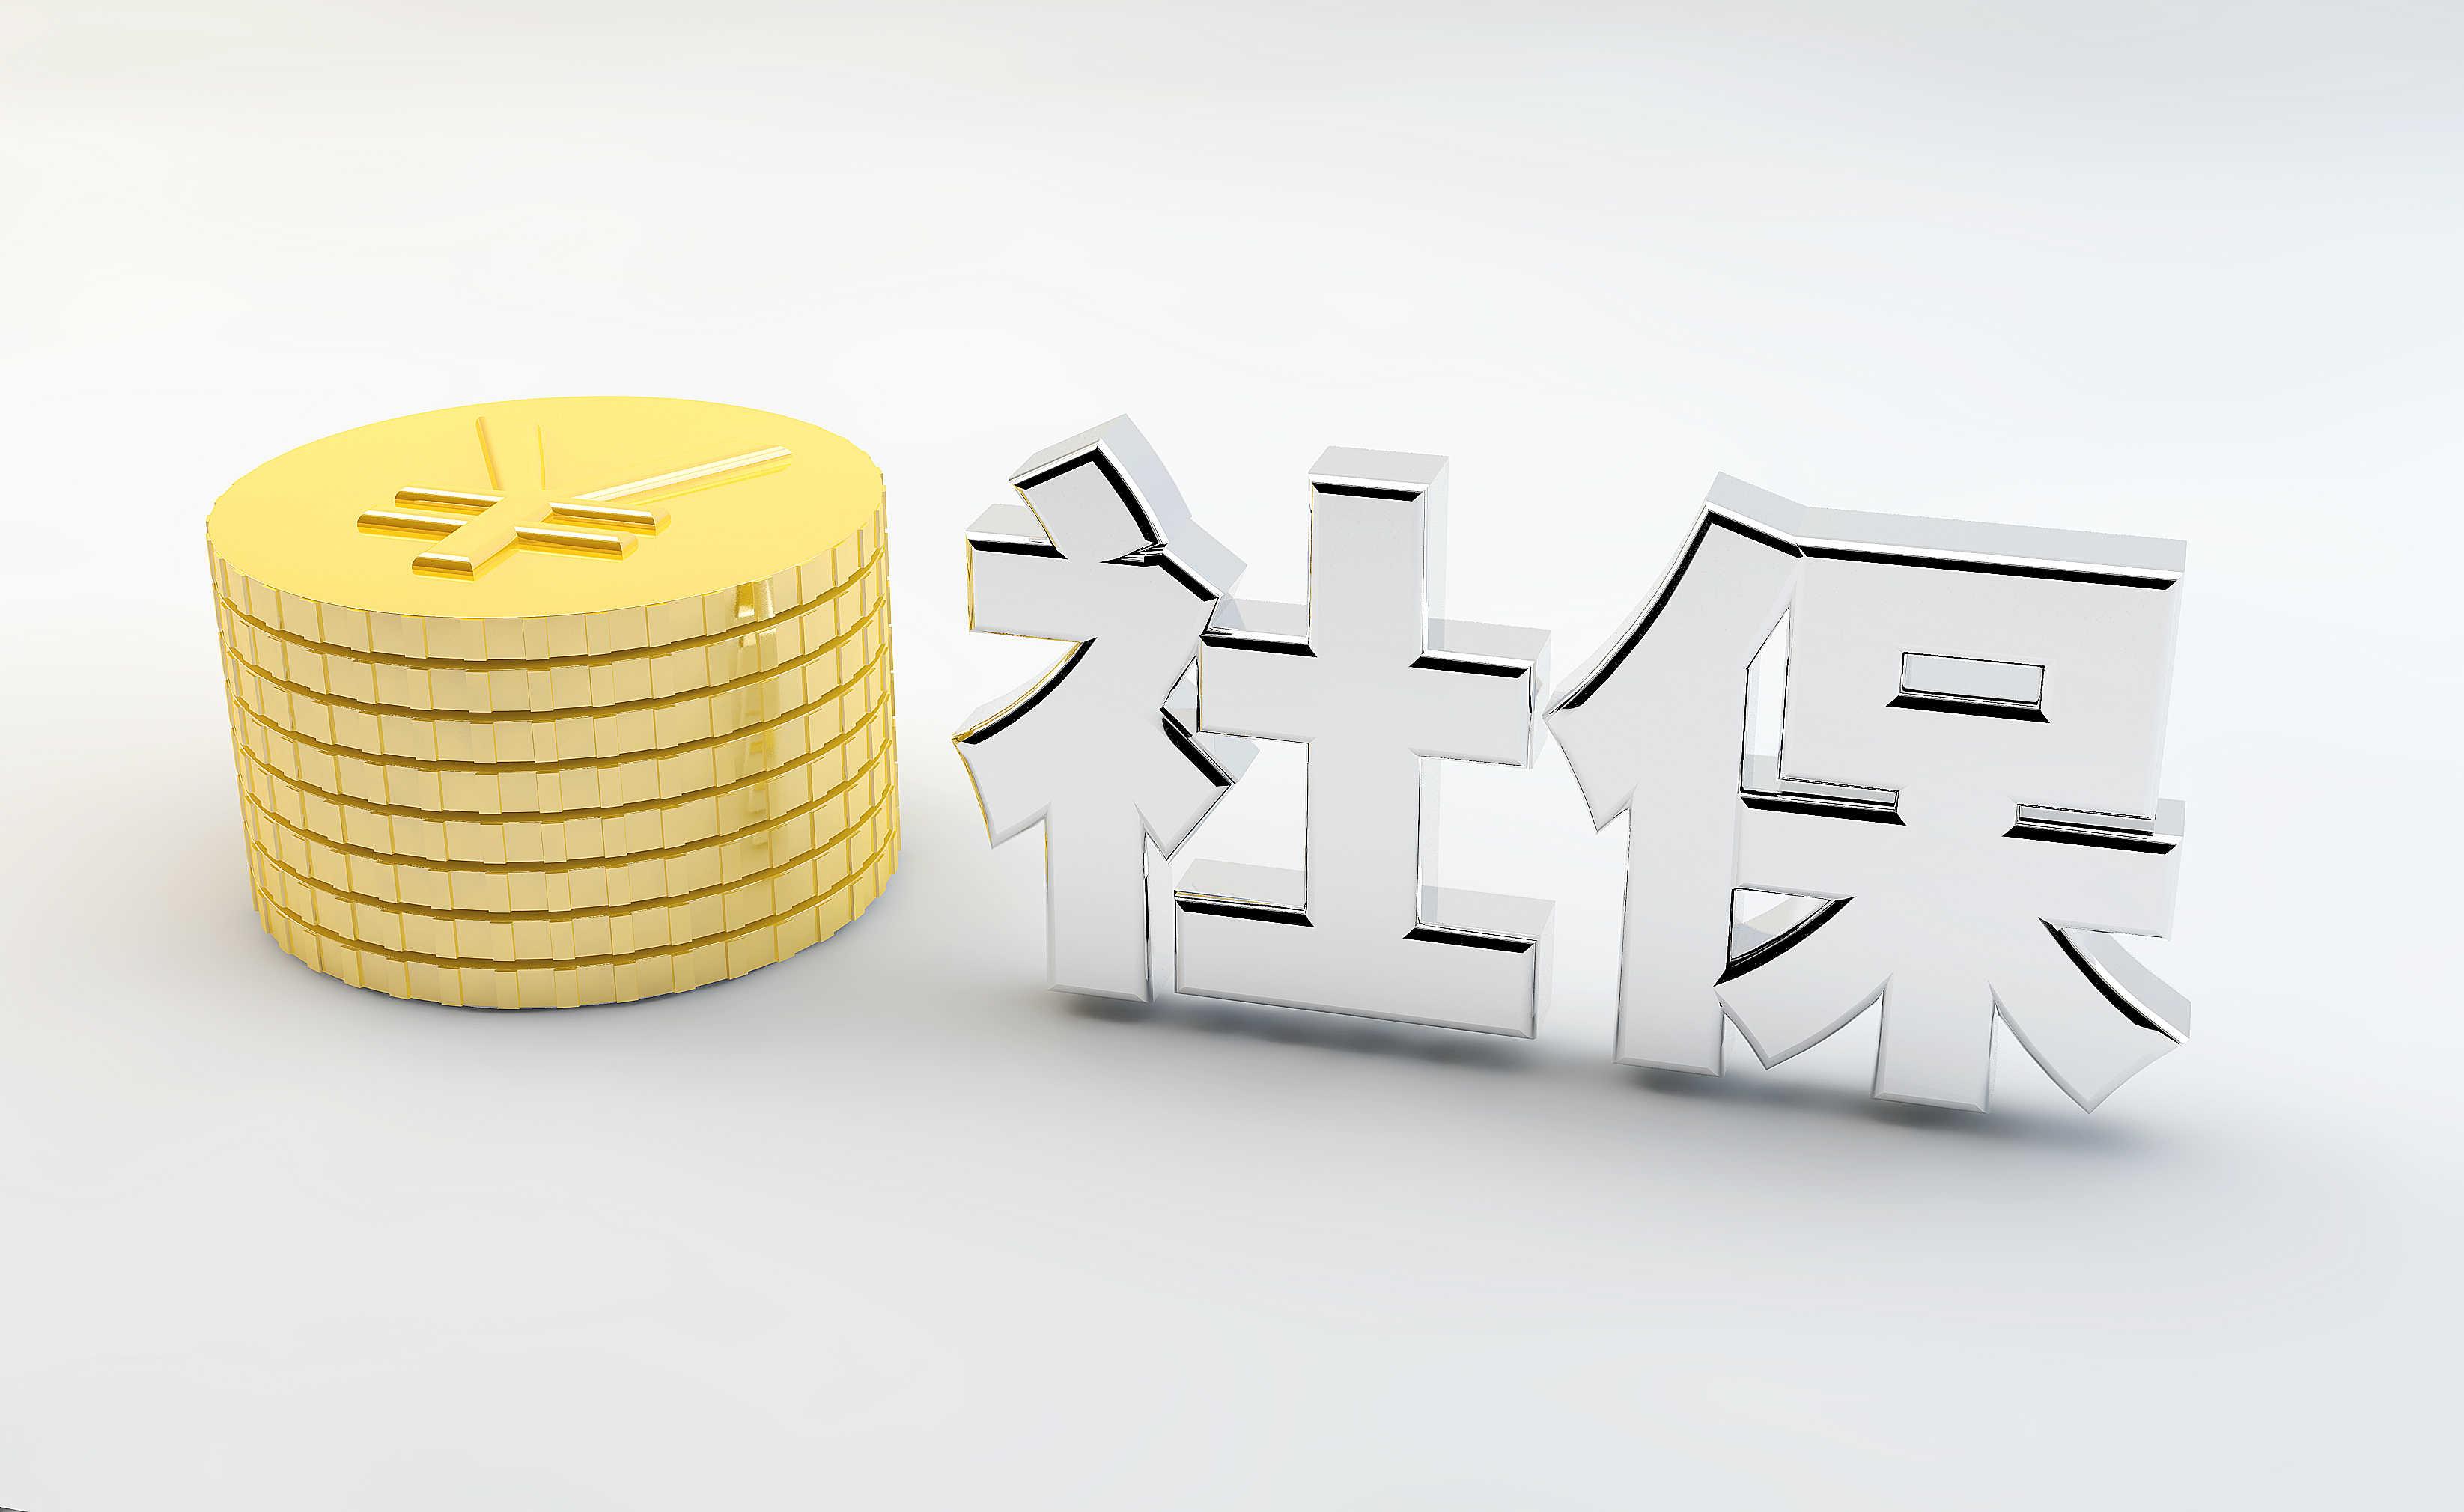 怎样才能与苏州社保代缴公司合作 一起探索社保缴纳市场